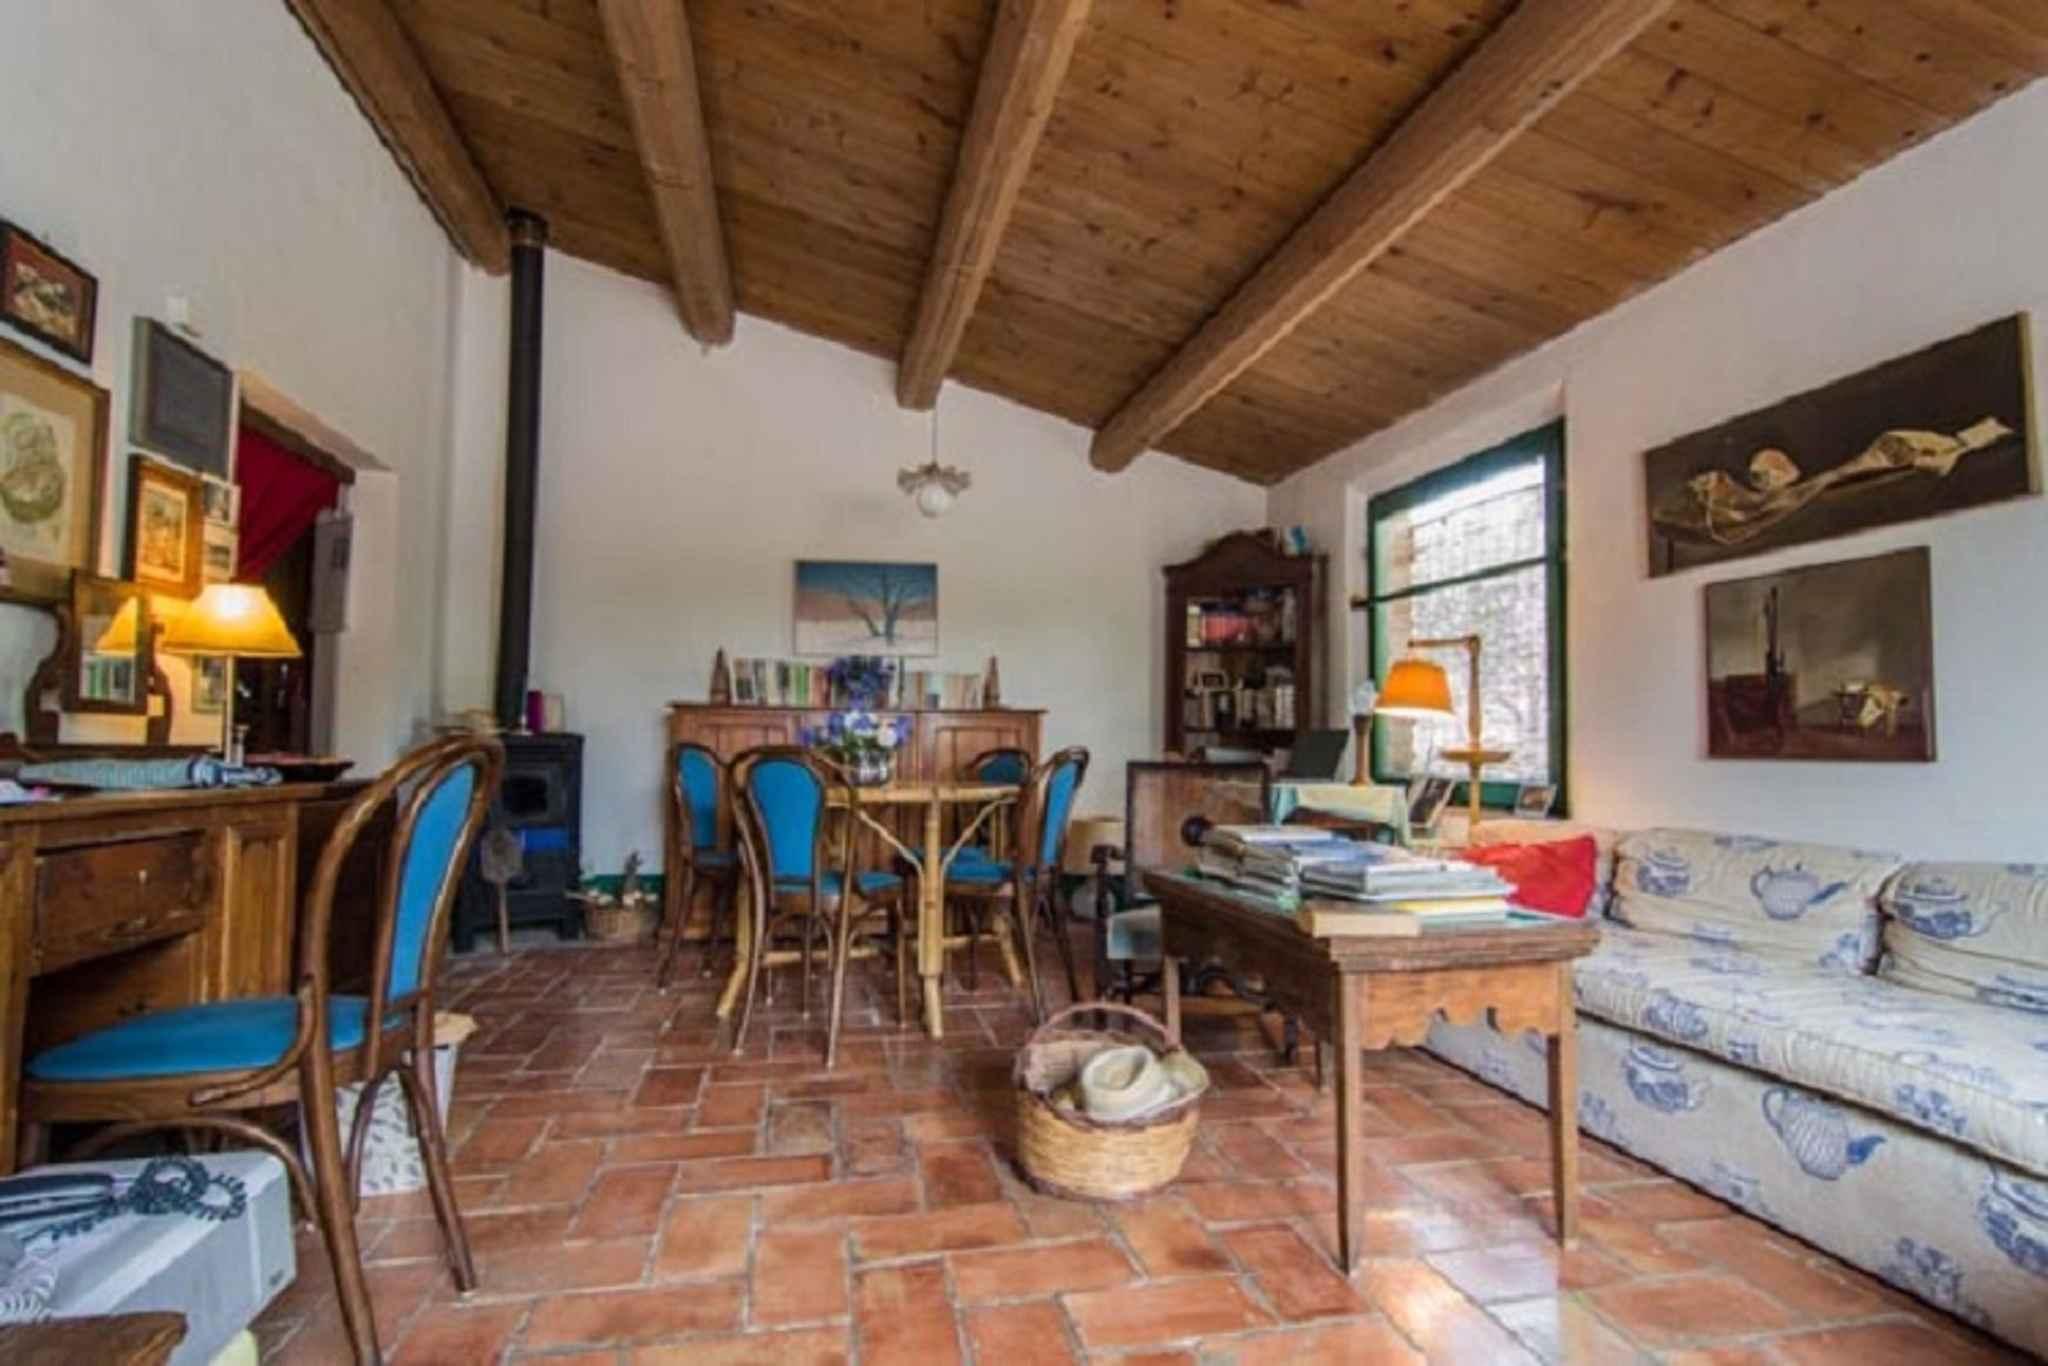 Ferienhaus per 15 persone con piscina (602147), Jesi, Ancona, Marken, Italien, Bild 21